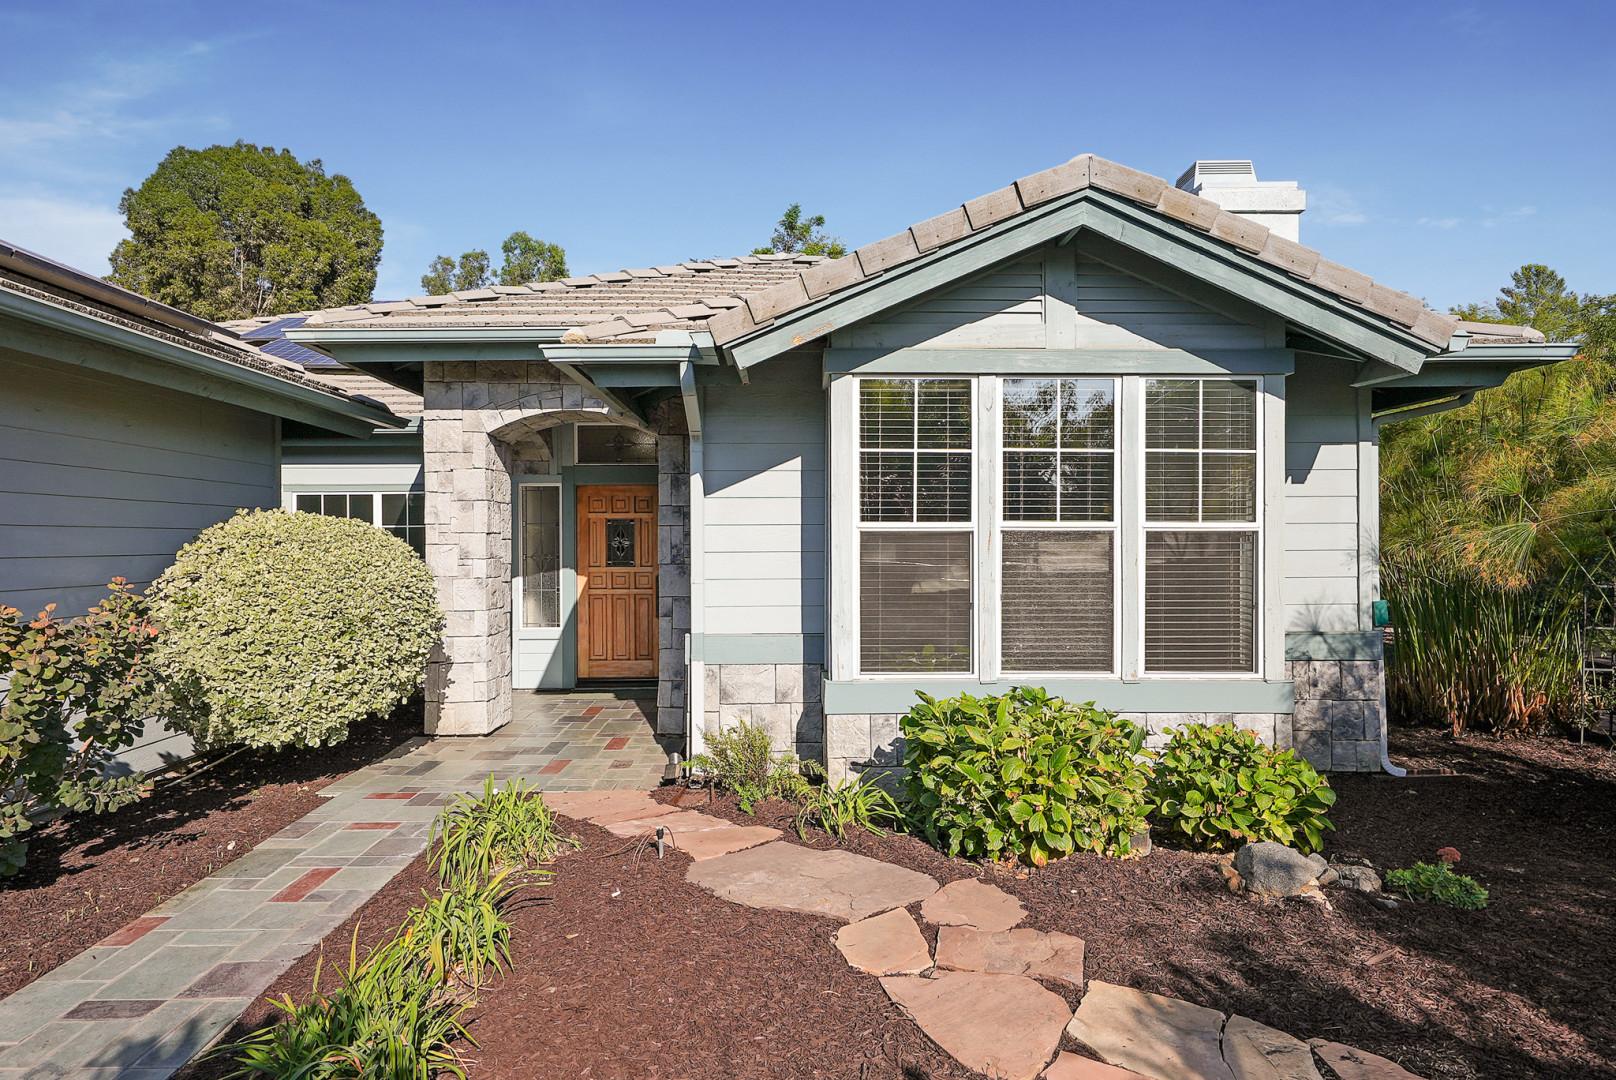 1960 Hamilton Ln, Escondido, California 92029